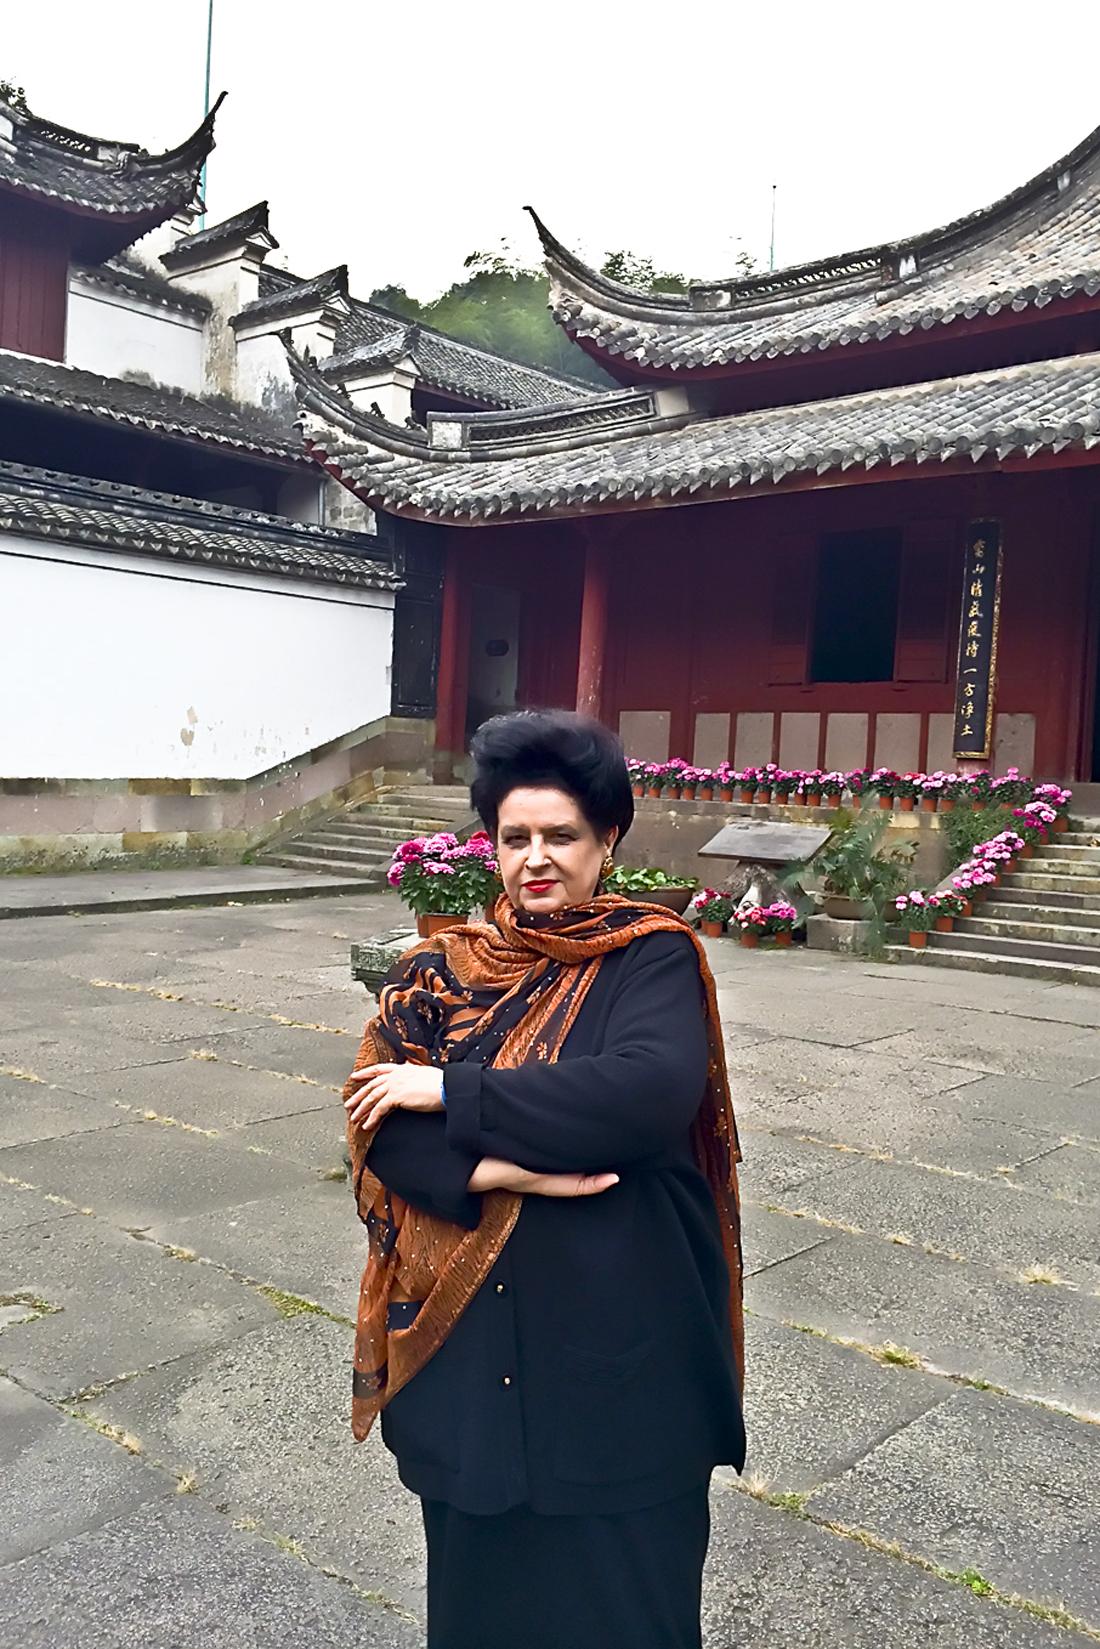 Ningbo: în incinta celei mai vechi biblioteci din China,cu un teatru dedicat muzicii şi cu numeroase pavilioane consacrate lecturii şi meditaţiei